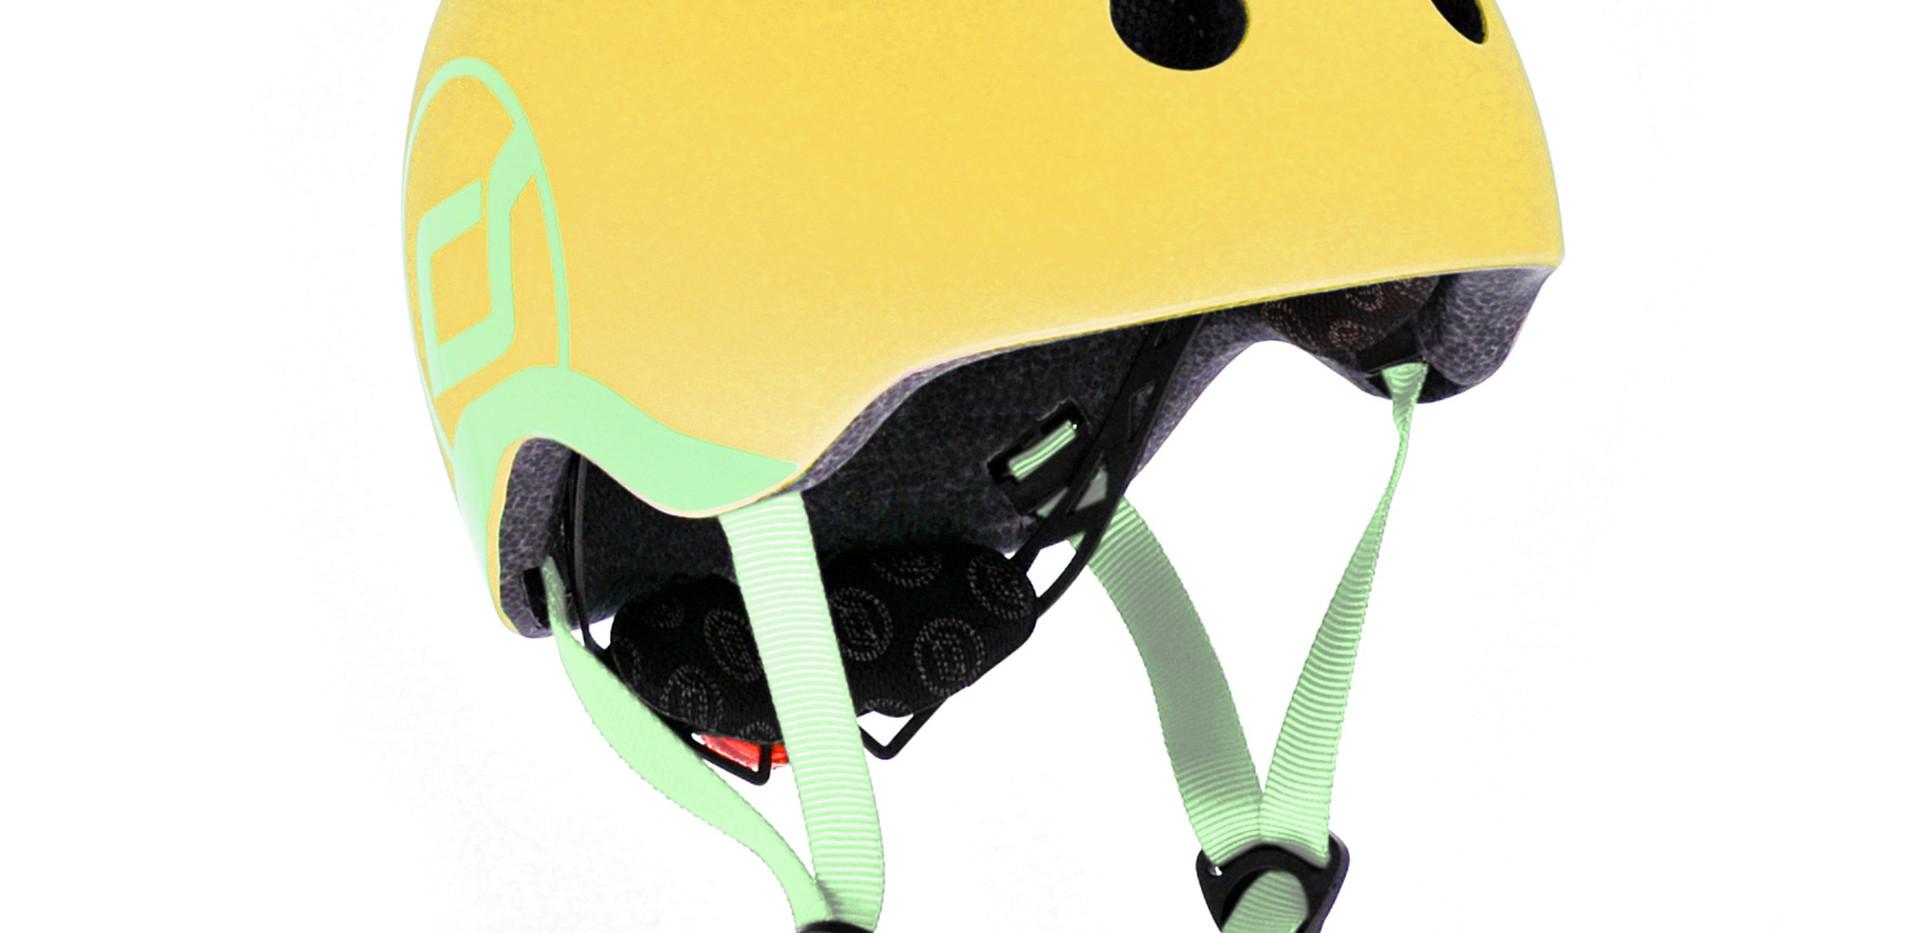 size_product_shoppicture_helmet_XS_lemon